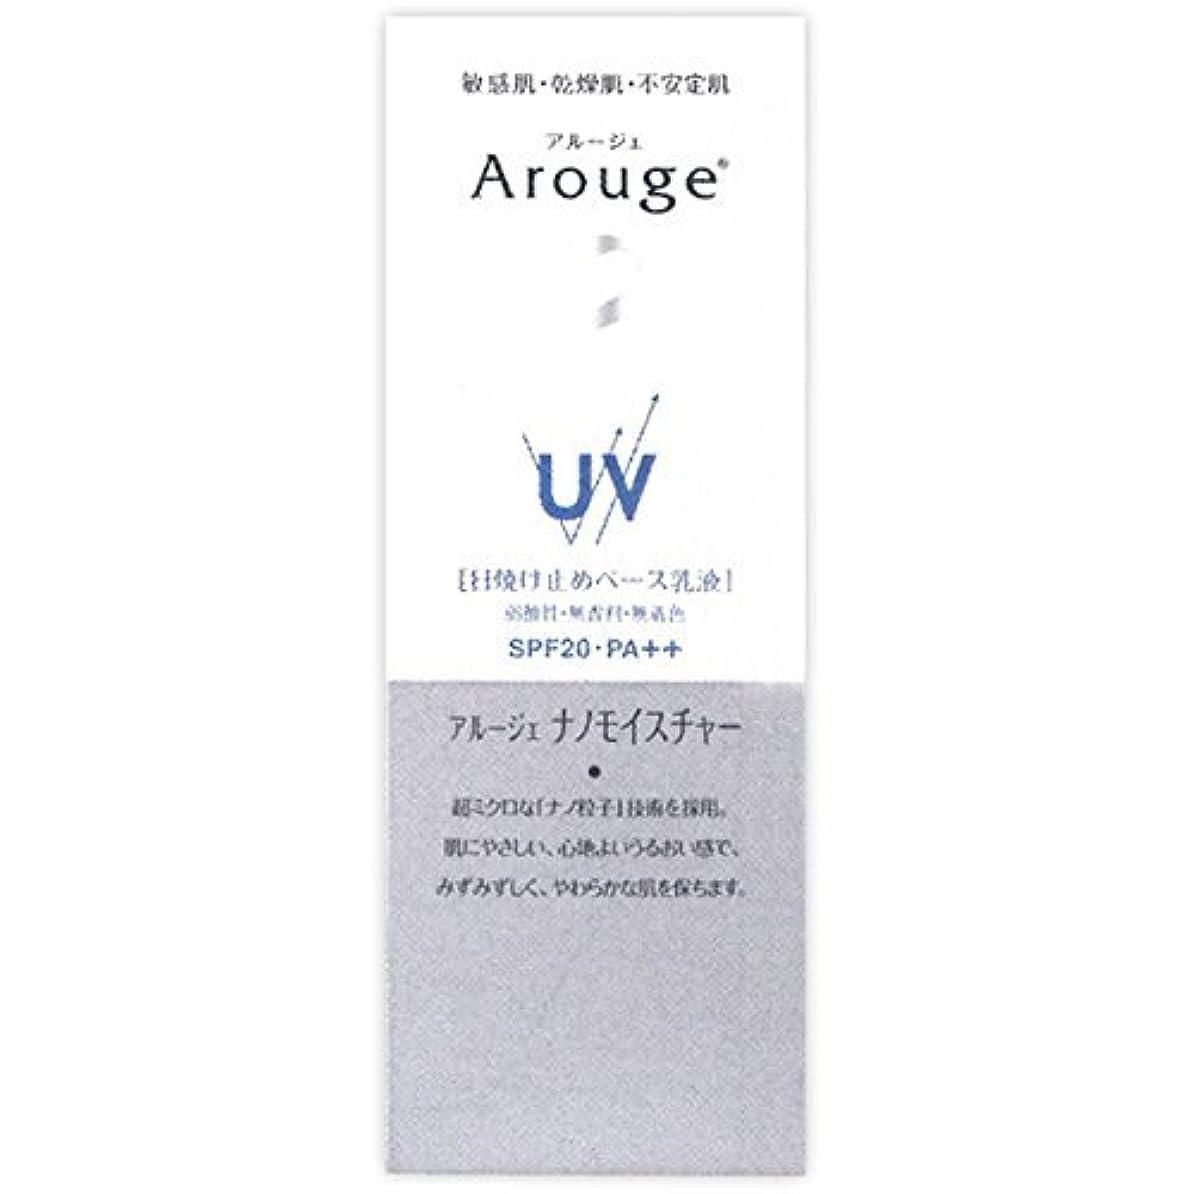 かび臭いおもてなしプレフィックスアルージェ UV モイストビューティーアップ日焼け止めベース乳液25g (SPF20?PA++)